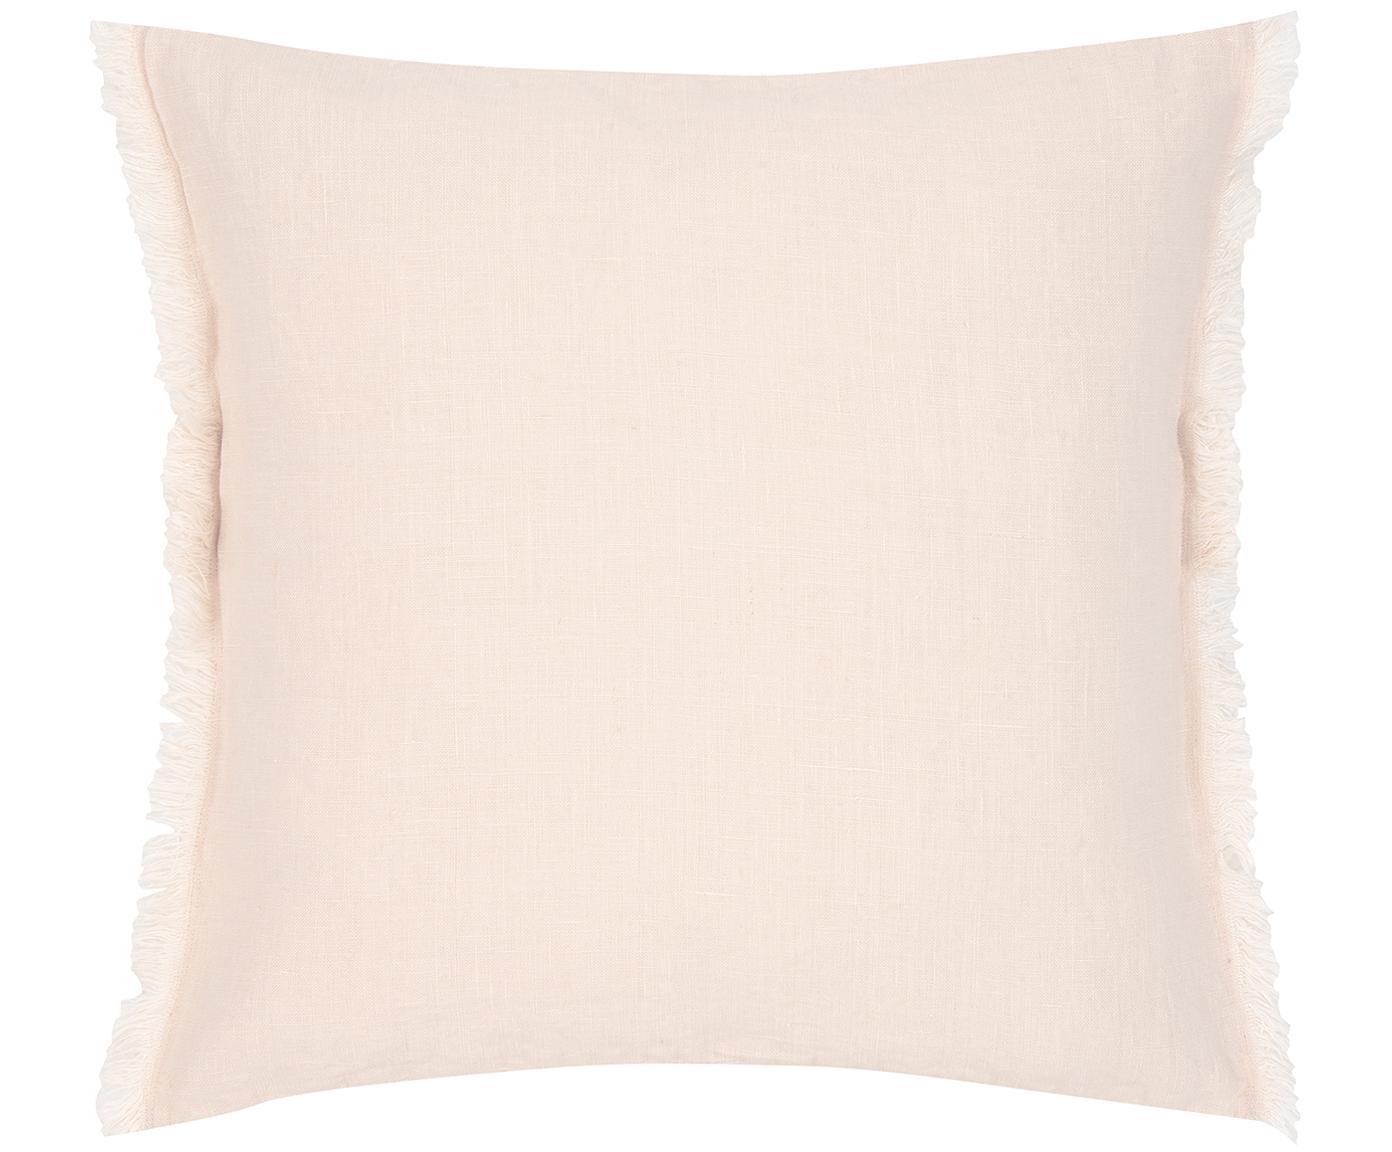 Leinen-Kissenhülle Luana mit Fransen, 100% Leinen, Apricot, 50 x 50 cm